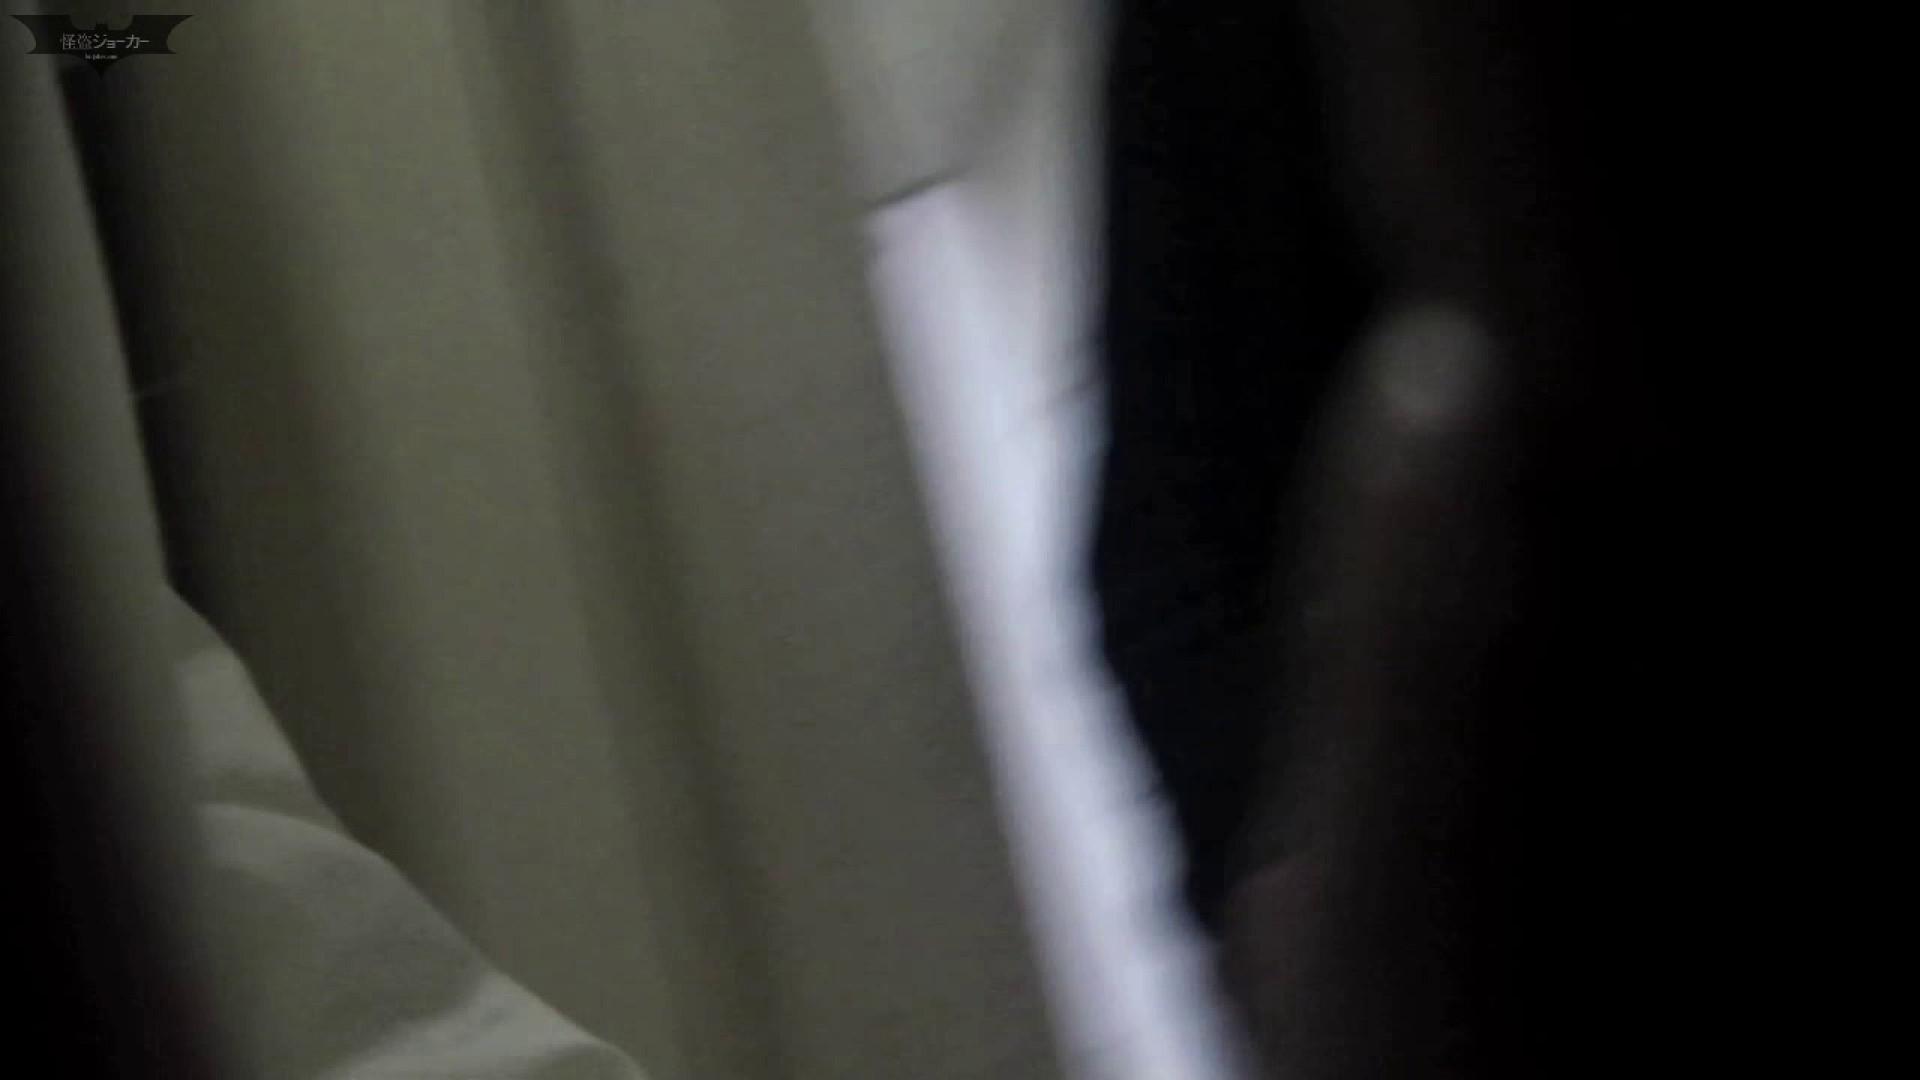 【期間・個数限定配信】 マンコ丸見え!第三体育館潜入撮File001 丸見え のぞきおめこ無修正画像 94連発 58